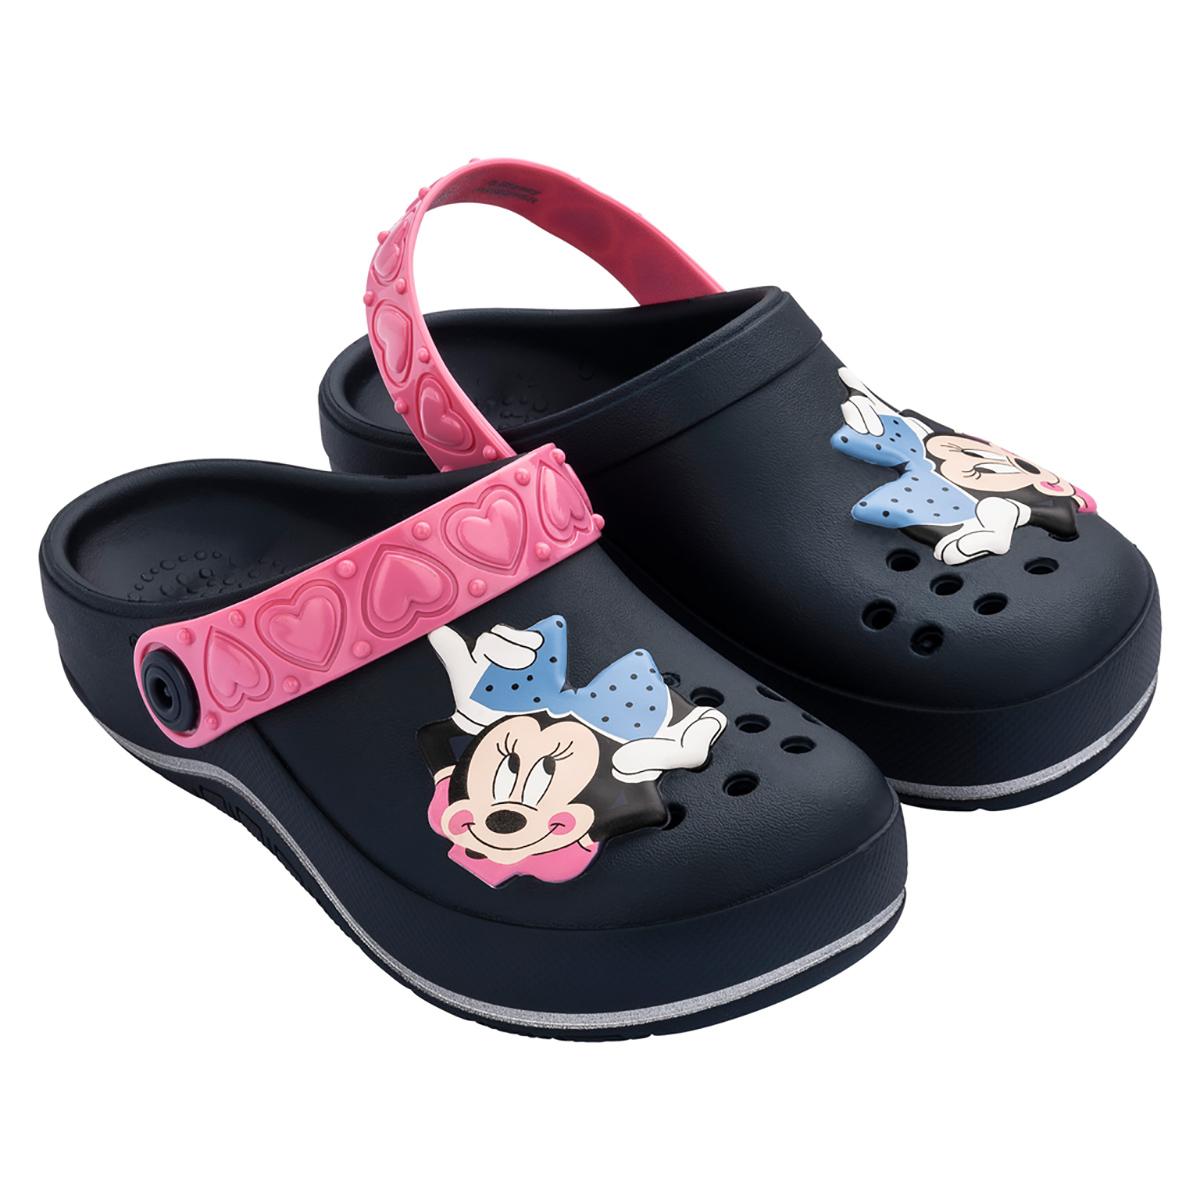 Babuche Grendene Minnie Glam Kids